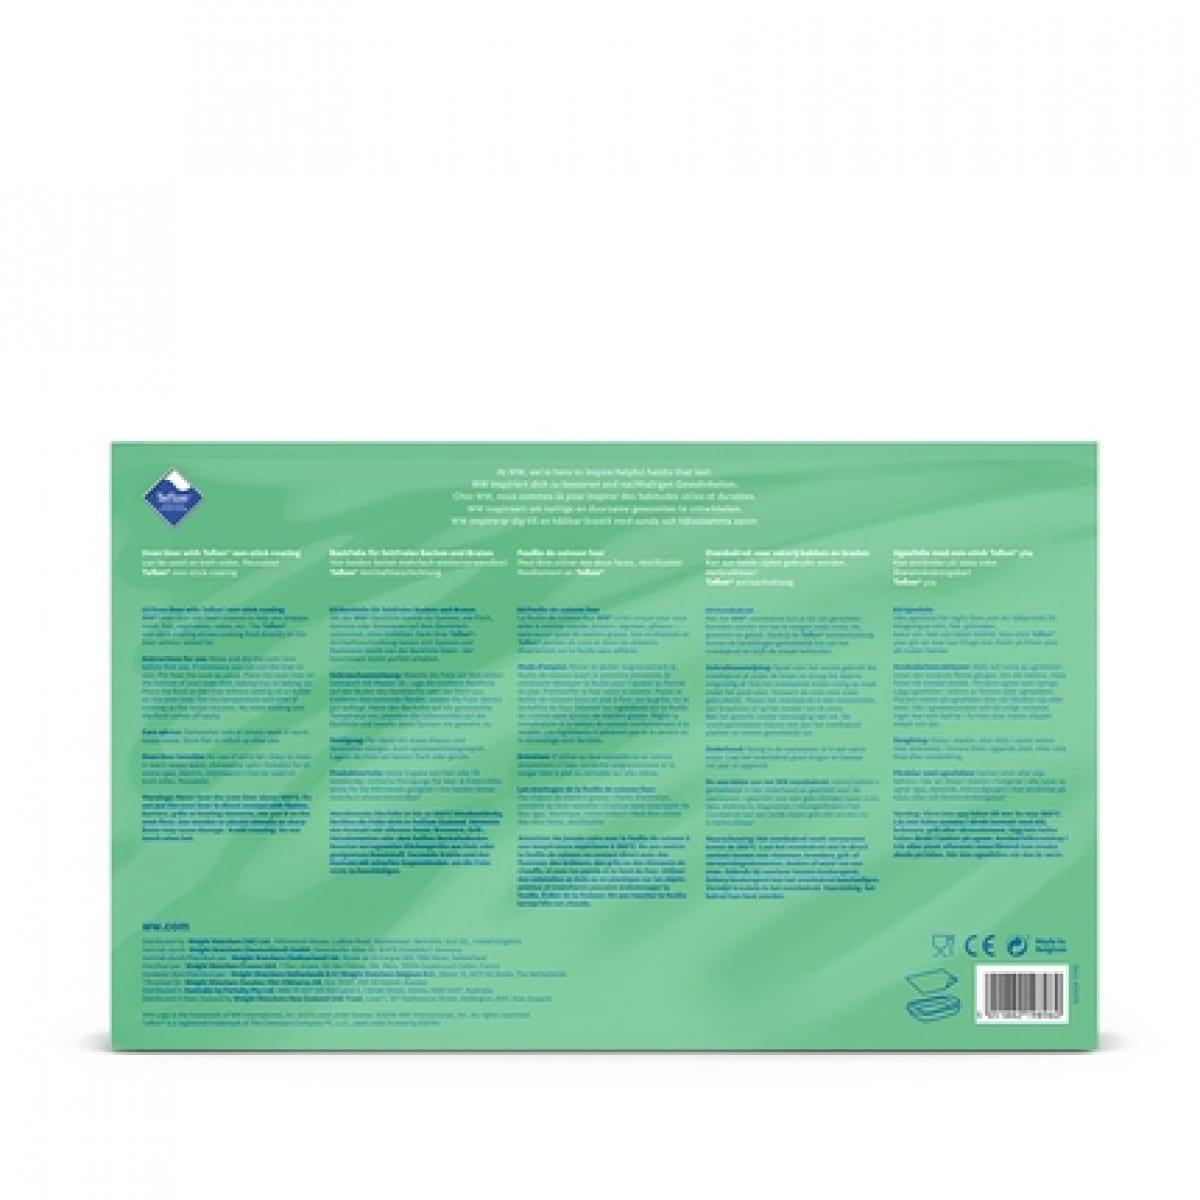 WW Feuille de cuisson four réutilisable dans un emballage bleu et vert avec photo du produit vue arrière 2